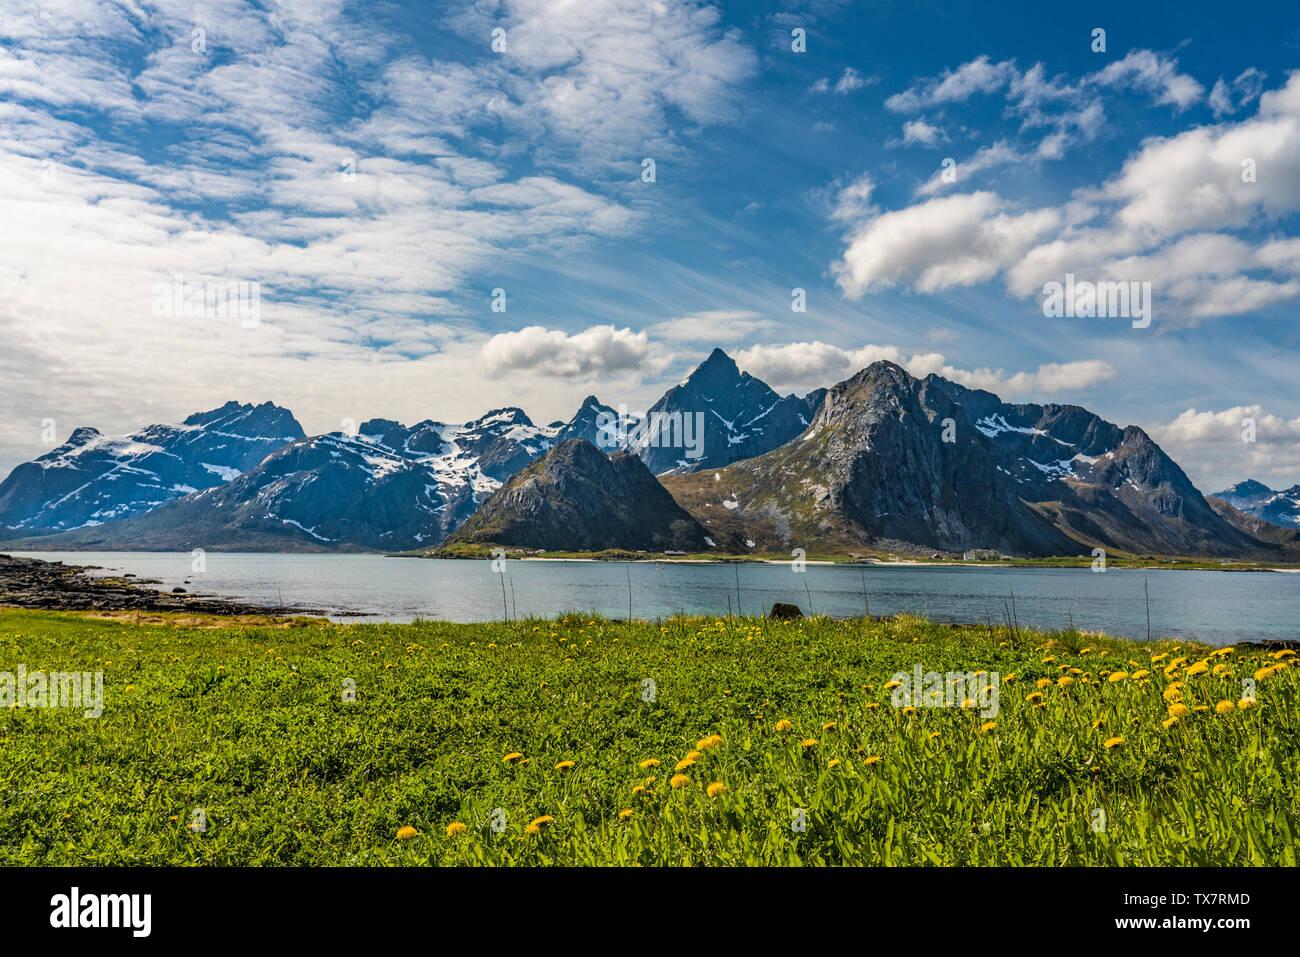 Belle et spectaculaire fjord, îles Lofoten, Norvège sur une journée de printemps ensoleillée avec les dernières neiges sur les montagnes Banque D'Images